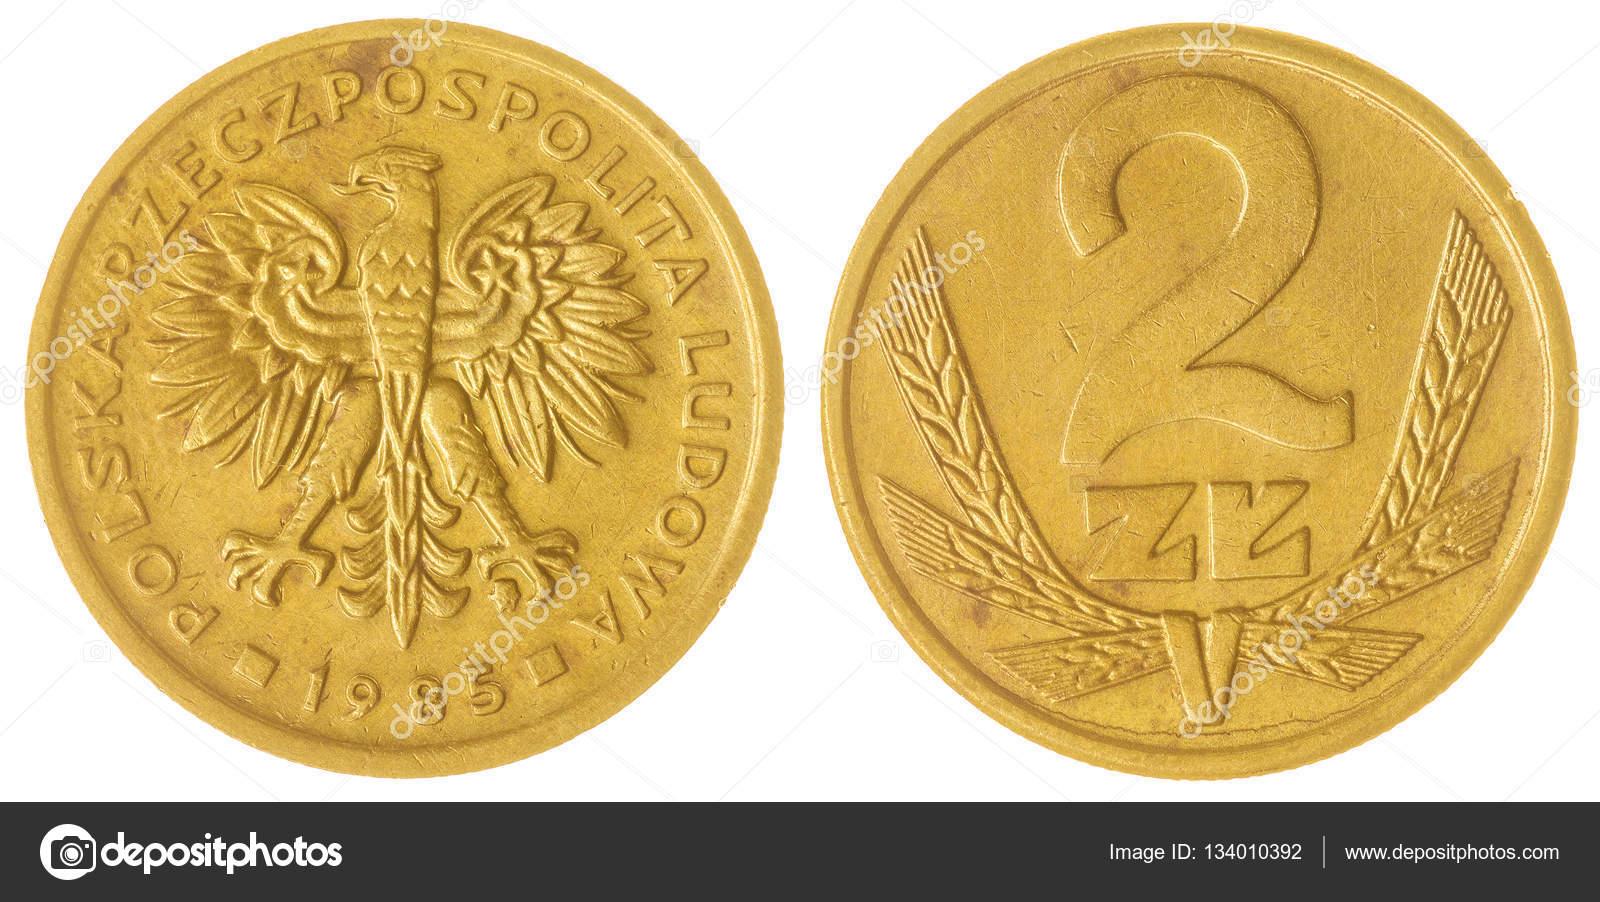 2 Zloty 1985 Münze Isoliert Auf Weißem Hintergrund Polen